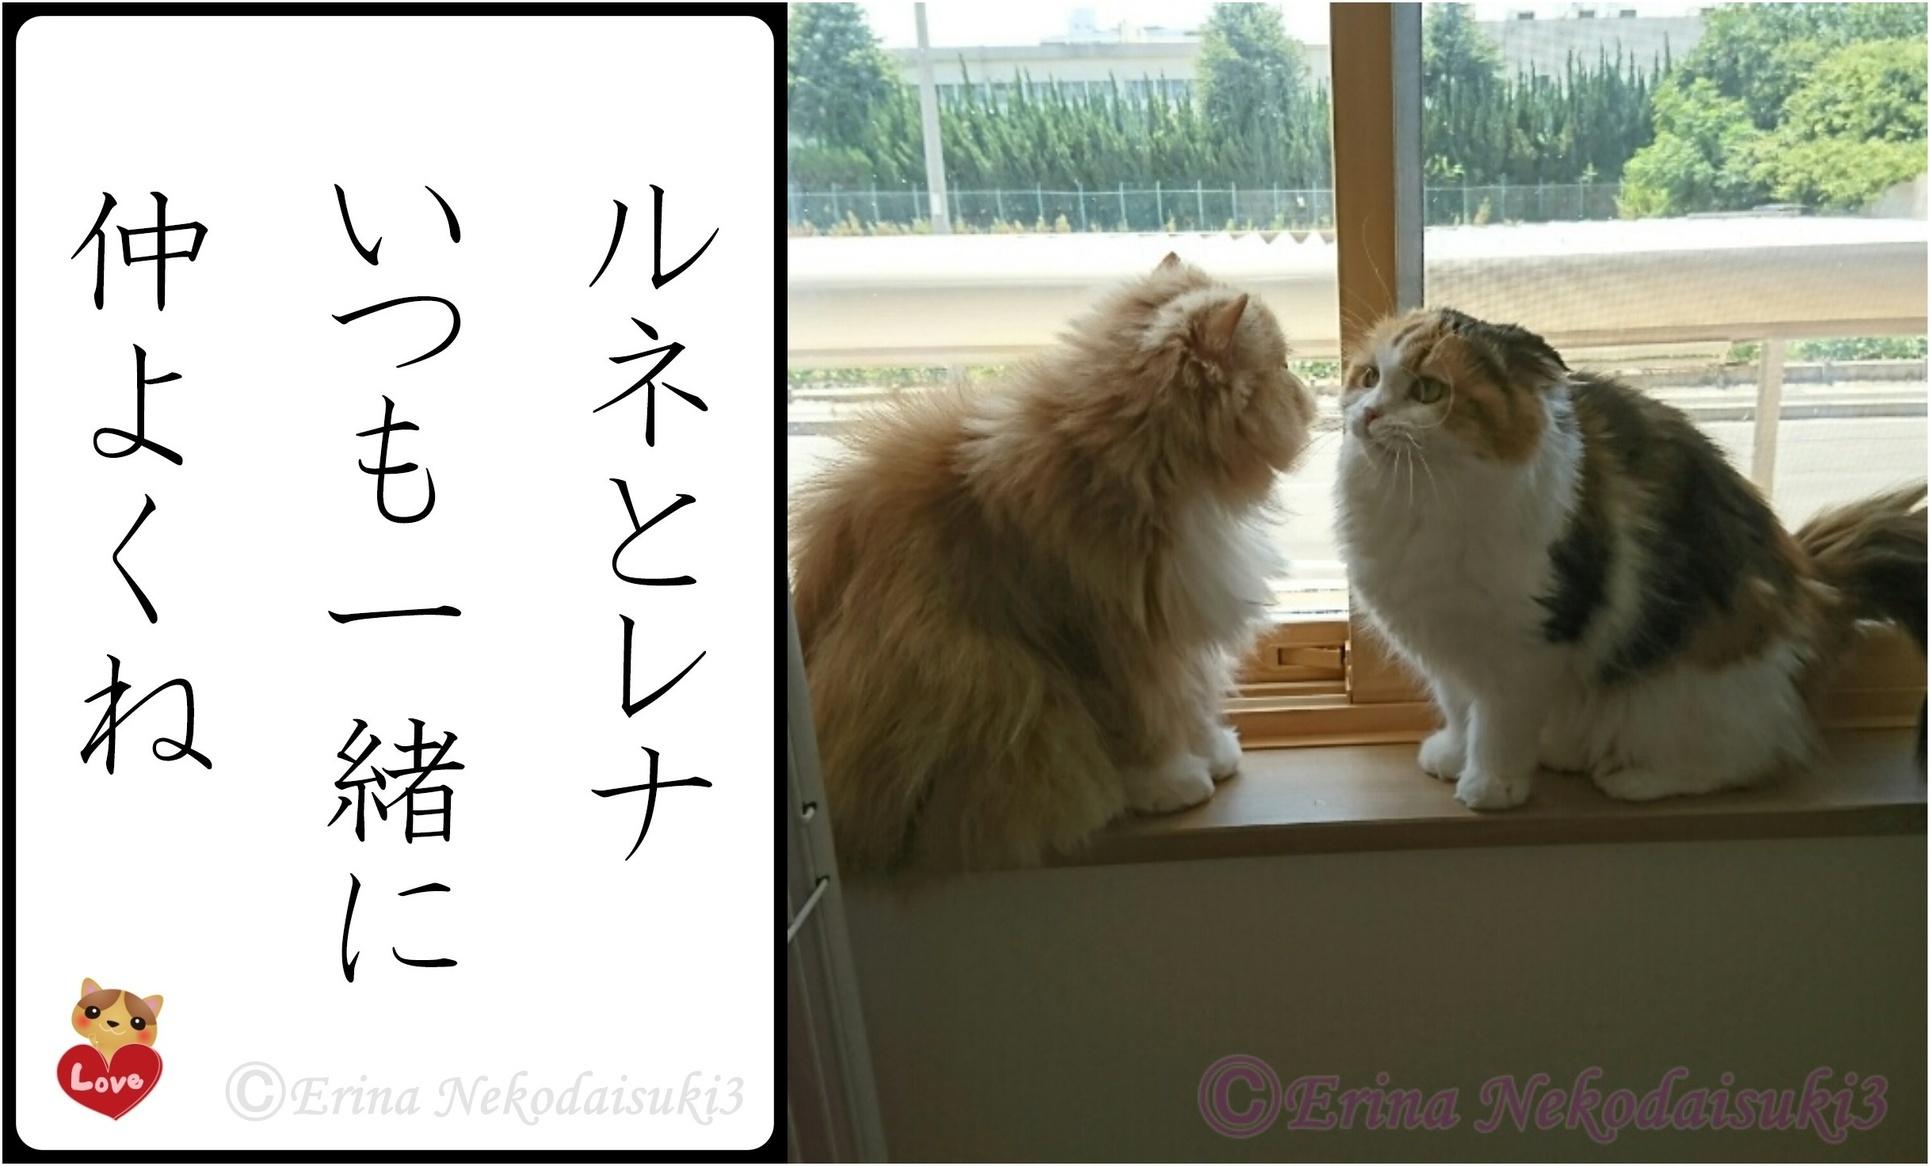 2連結Ⓒルネとレナいつも一緒に仲良くね-side.jpg